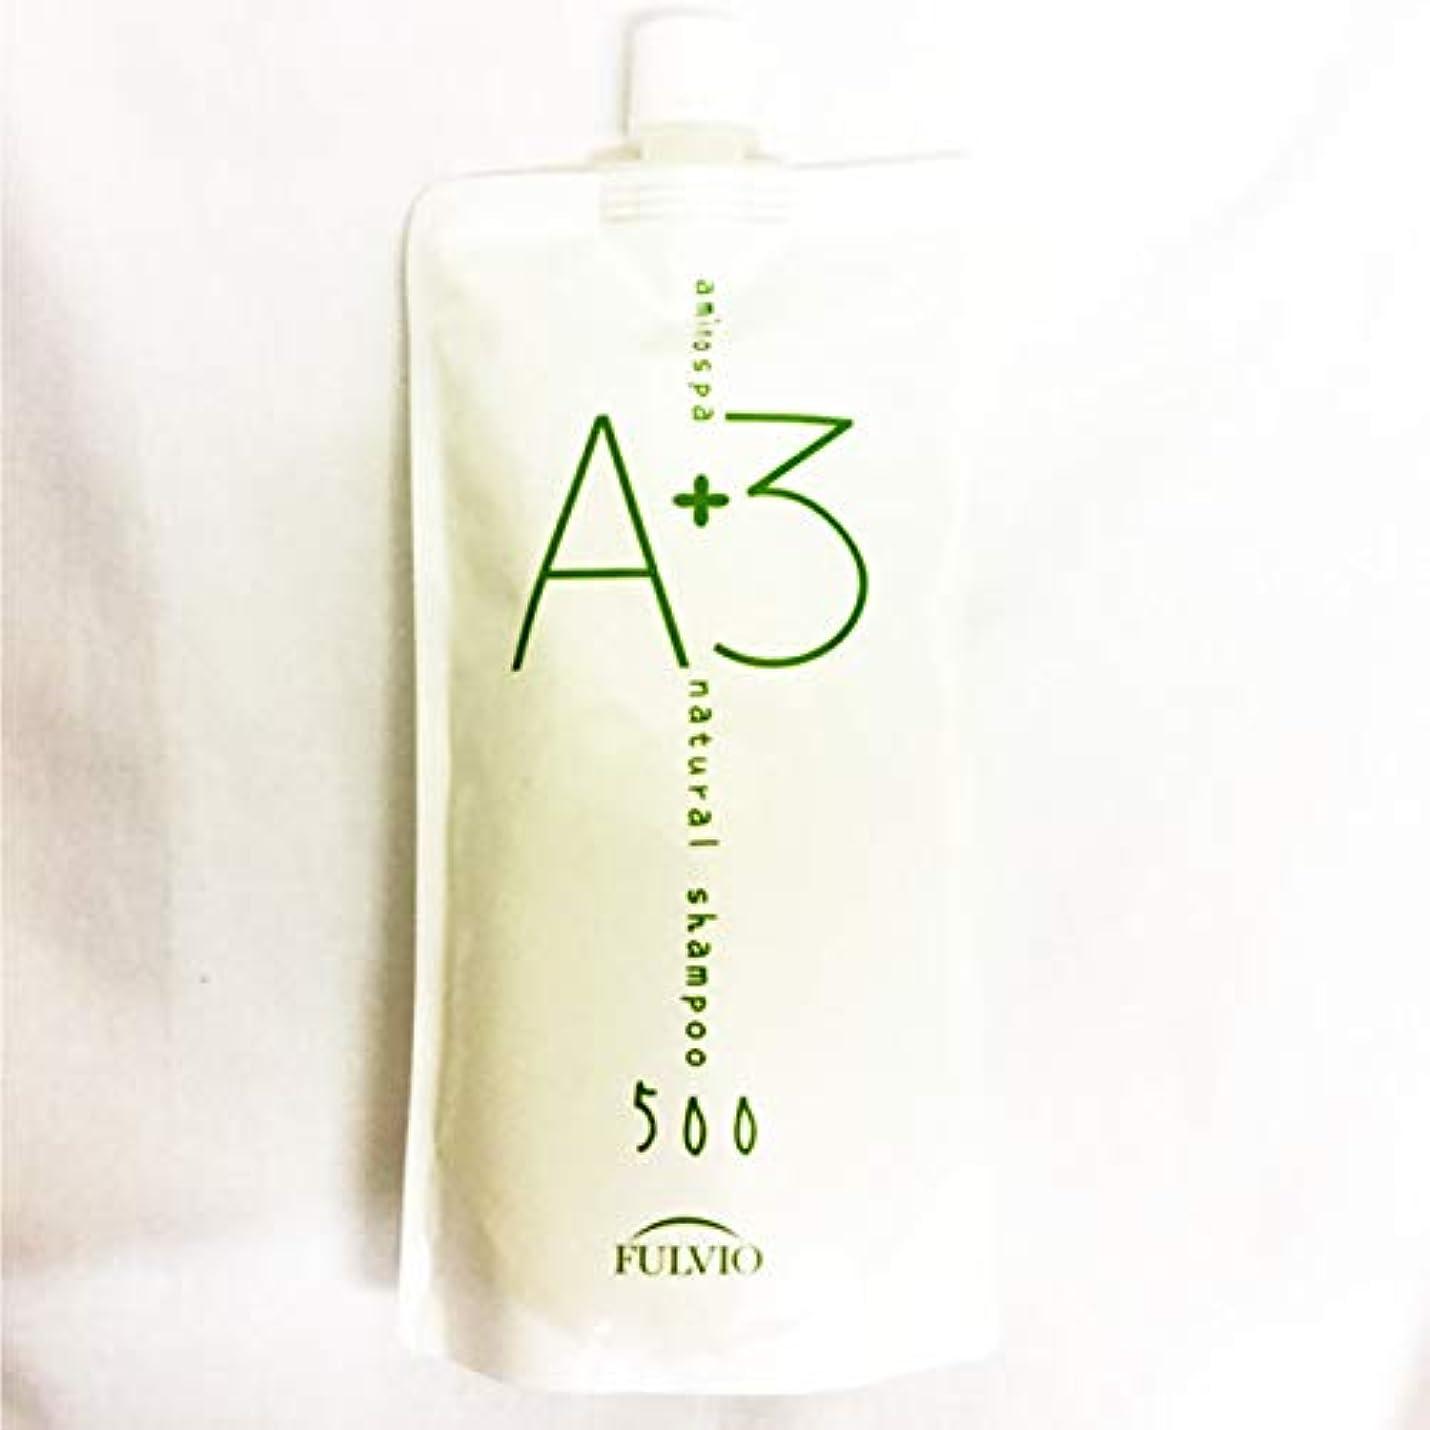 つぼみ退院流用するアミノスパA+3シャンプー 詰め替え 500ml